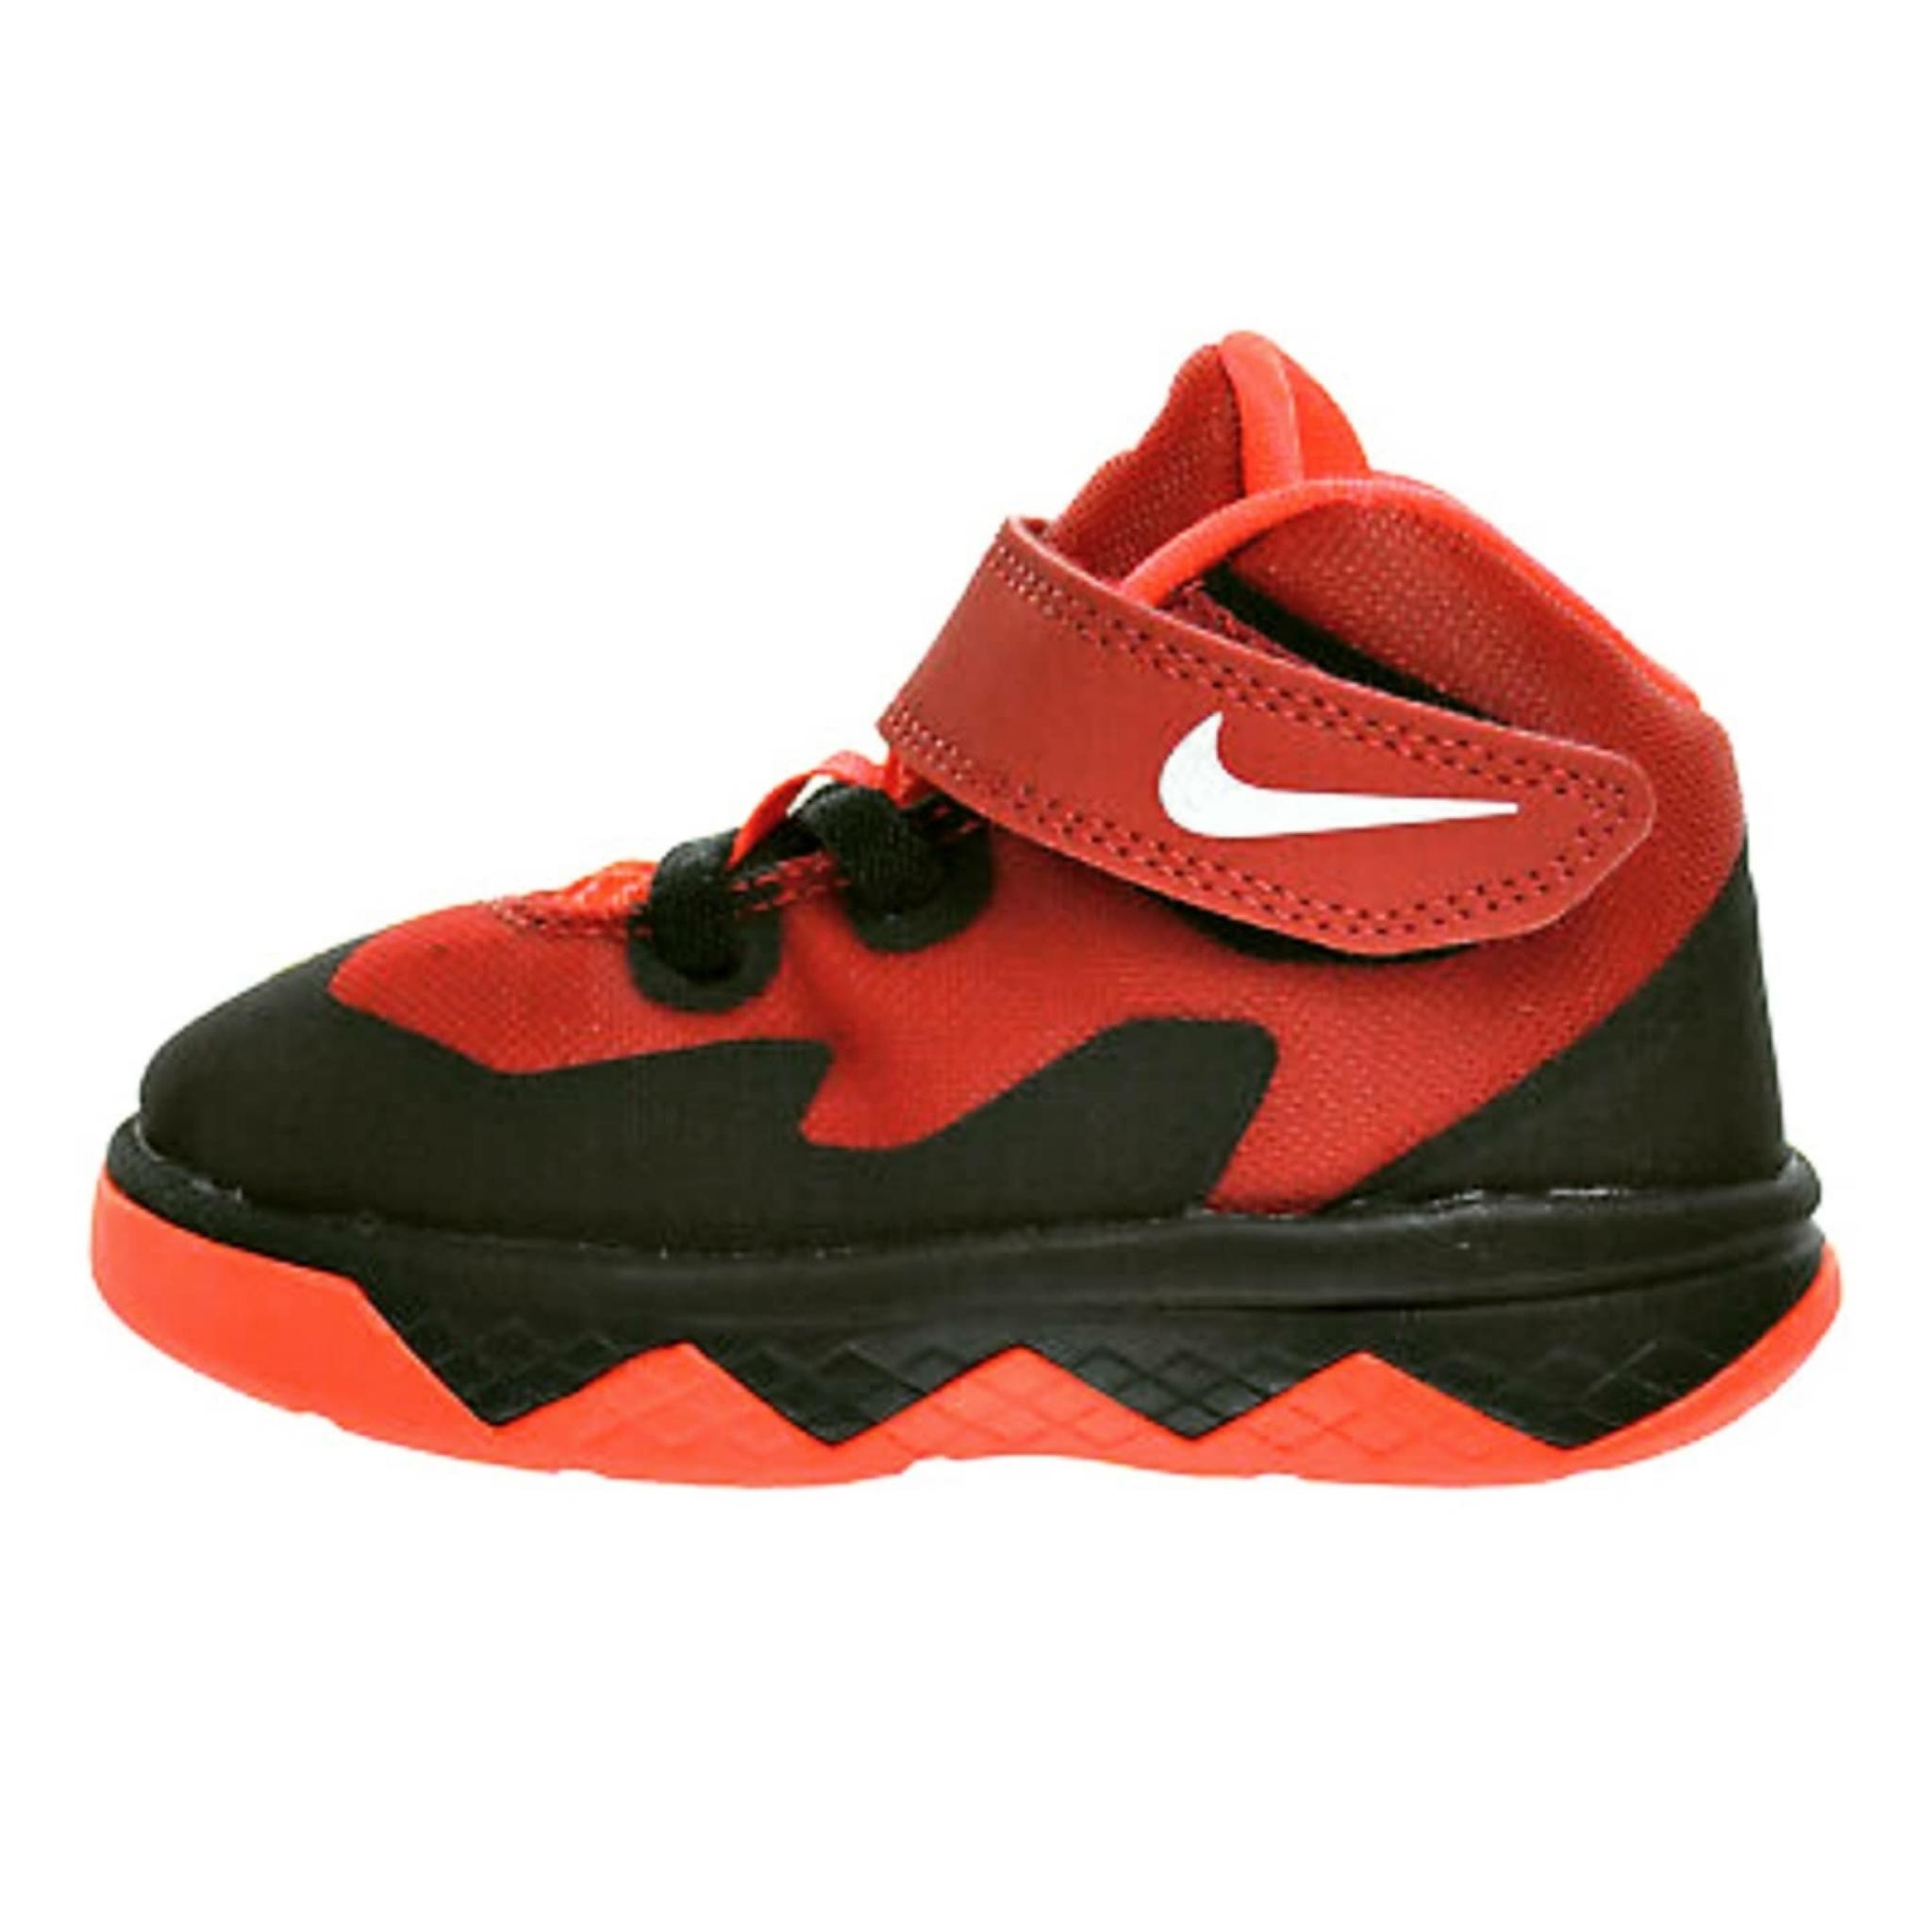 کفش راحتی بچگانه نایکی مدل LEBRON SOLDIER 7 TD